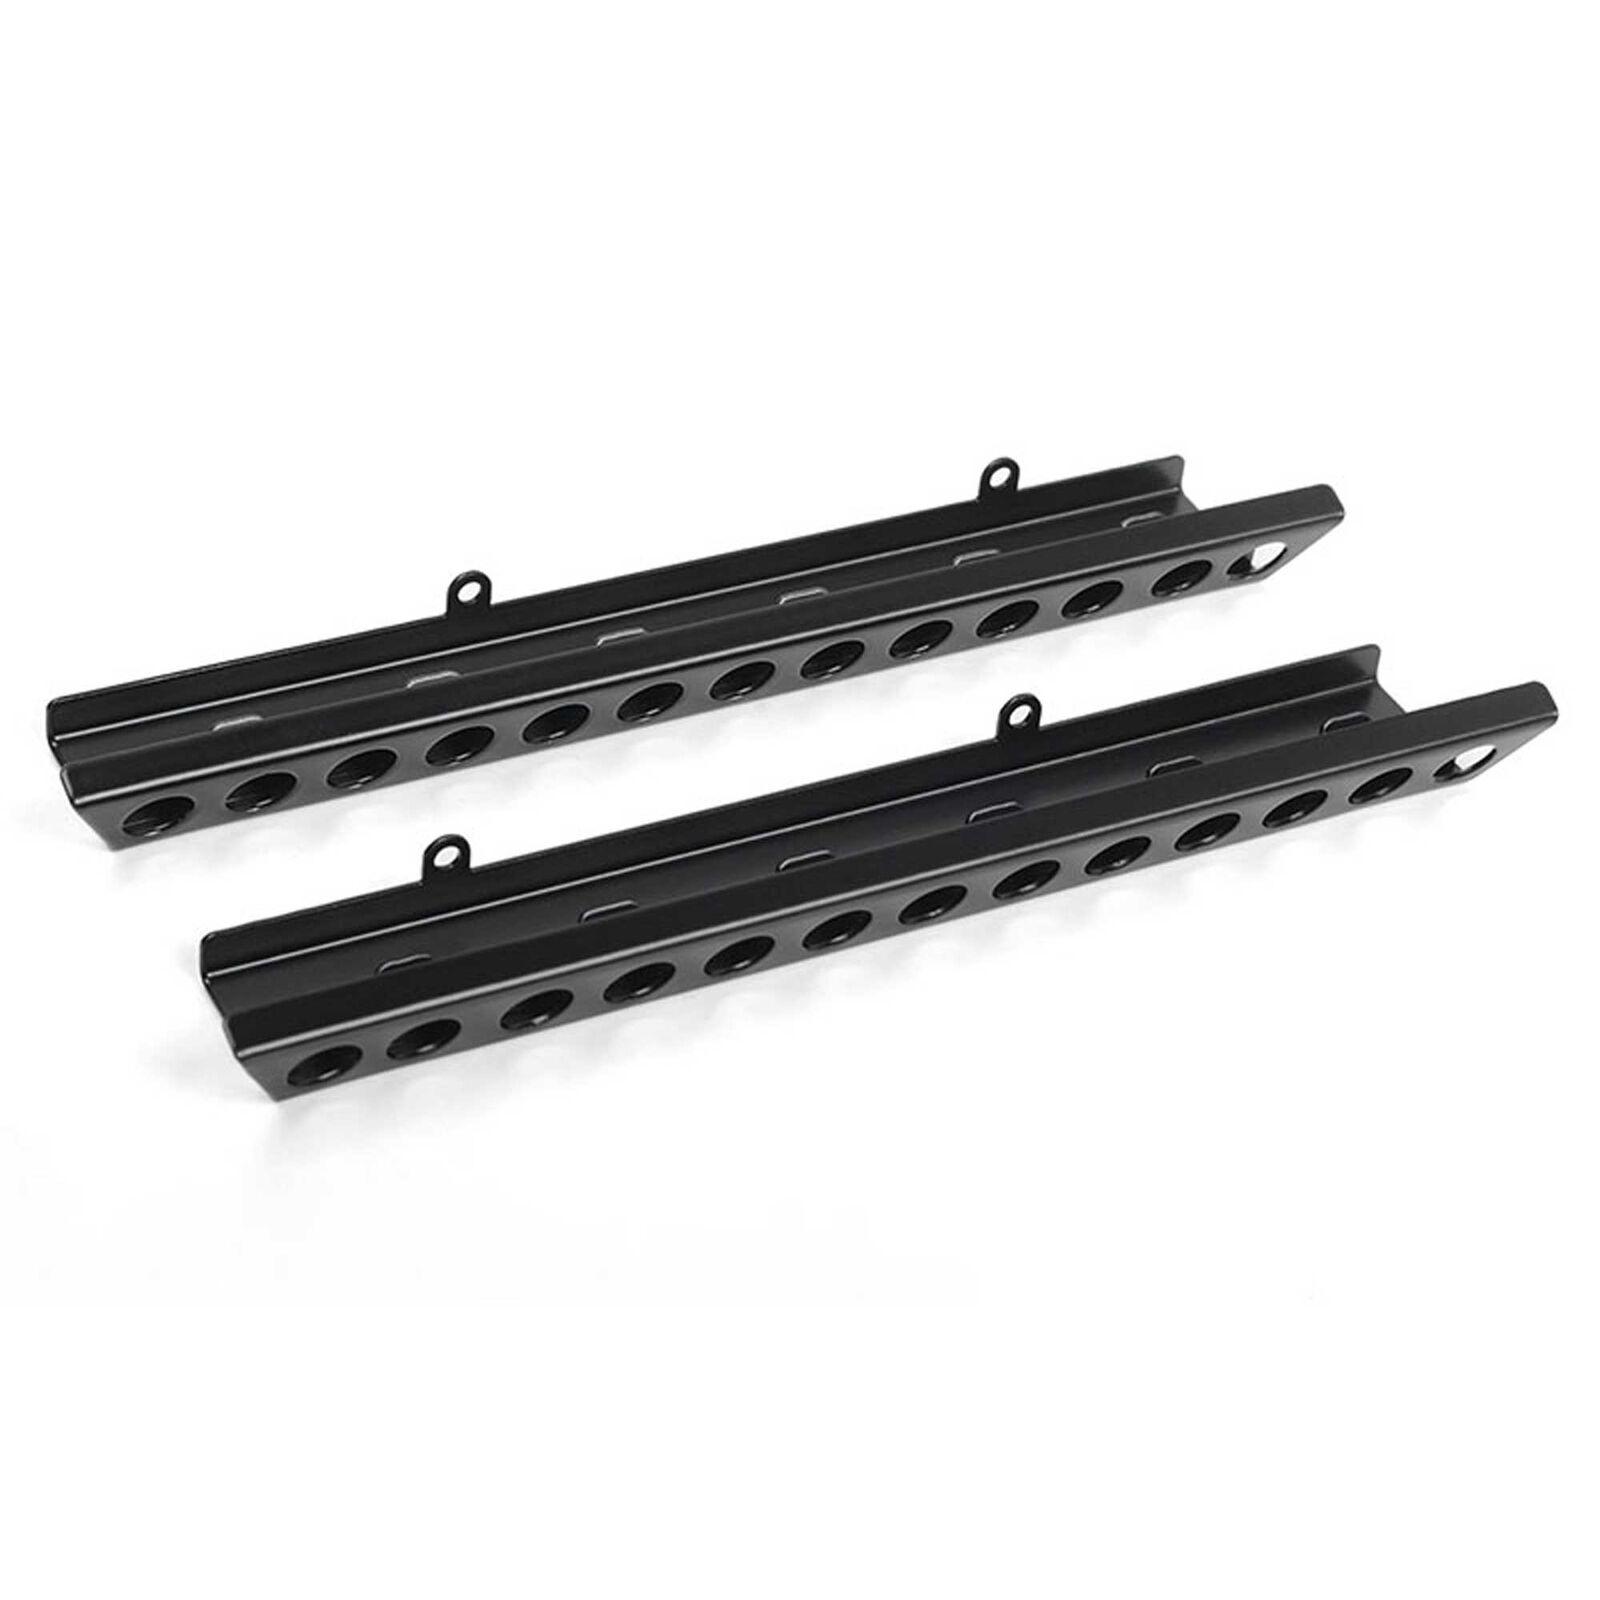 Shirya Steel Side Sliders for VS4-10 Origin Black